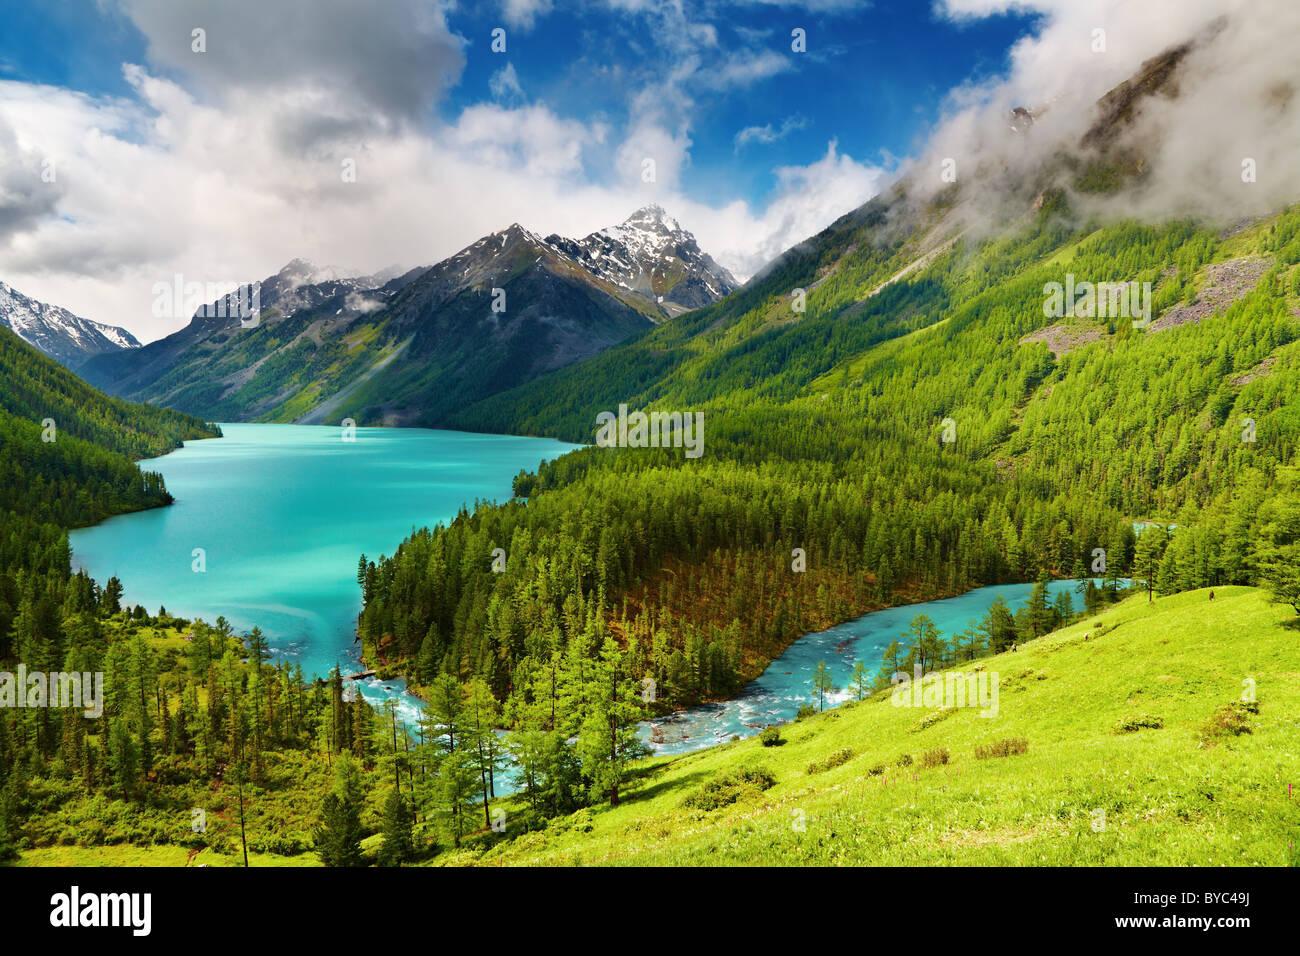 Wunderschönen türkisfarbenen See Kucherlinskoe im Altai-Gebirge Stockbild